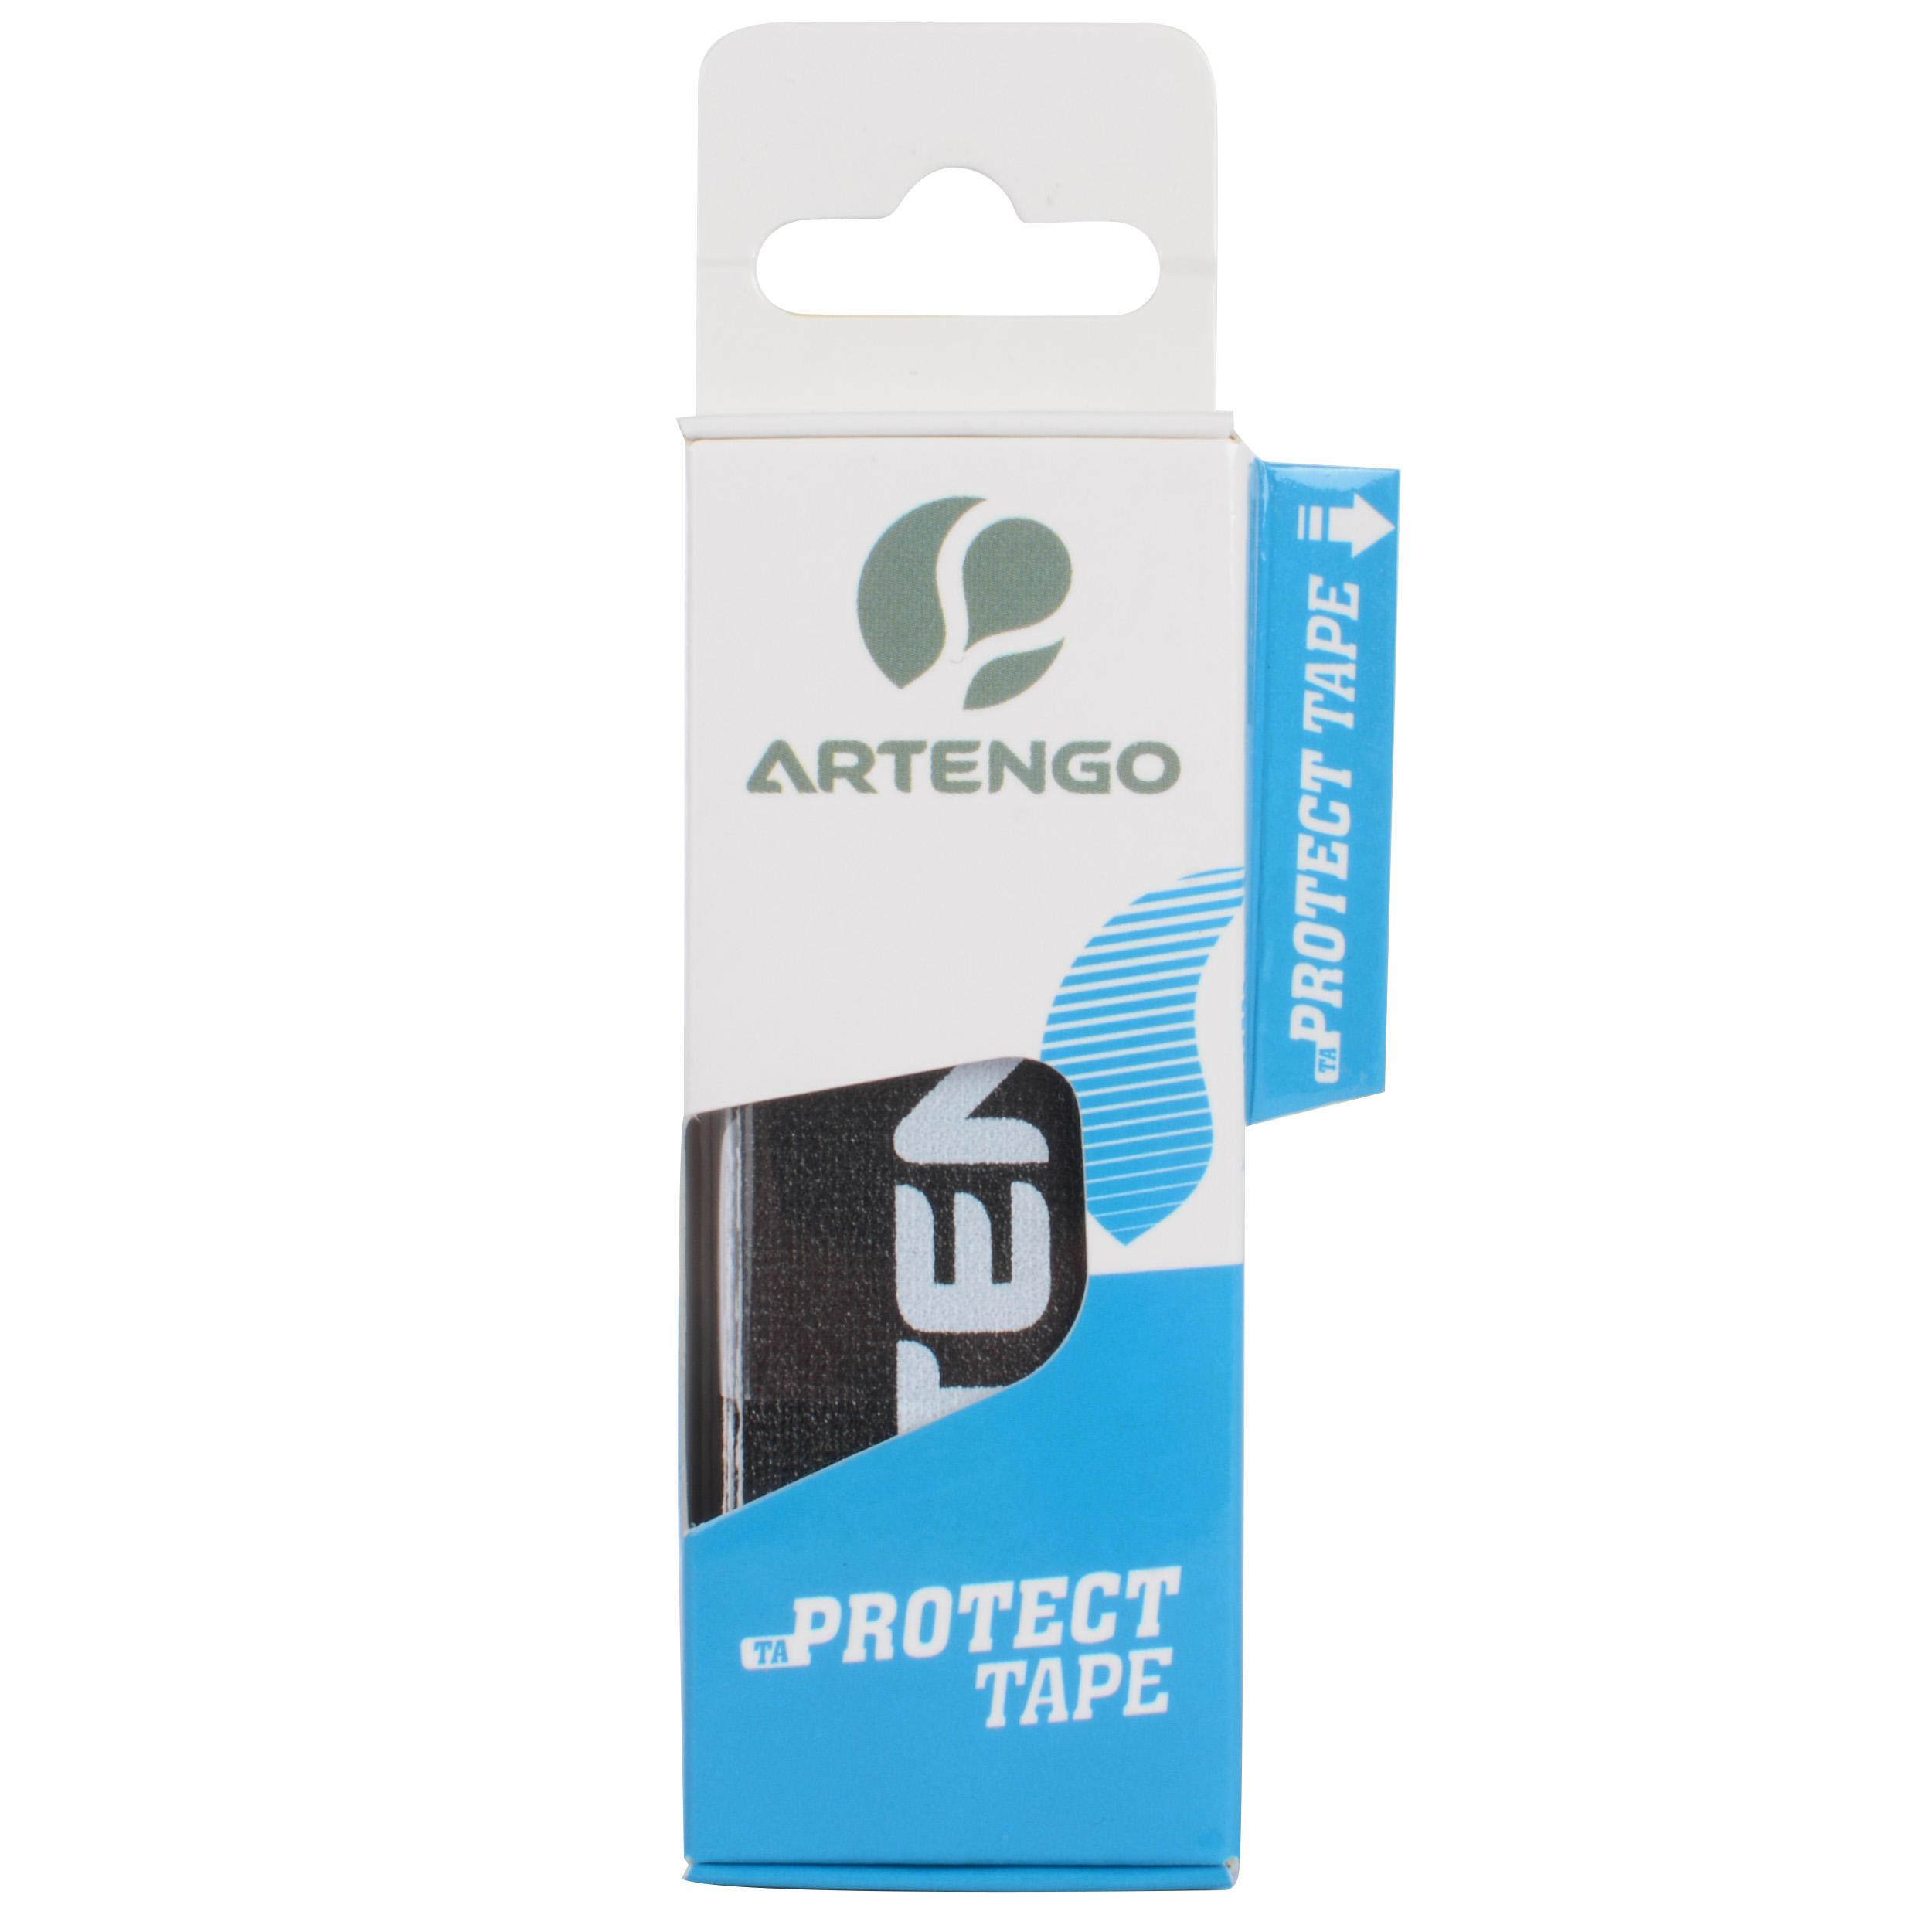 Artengo Beschermtape tennisracket protect tape zwart set van 3